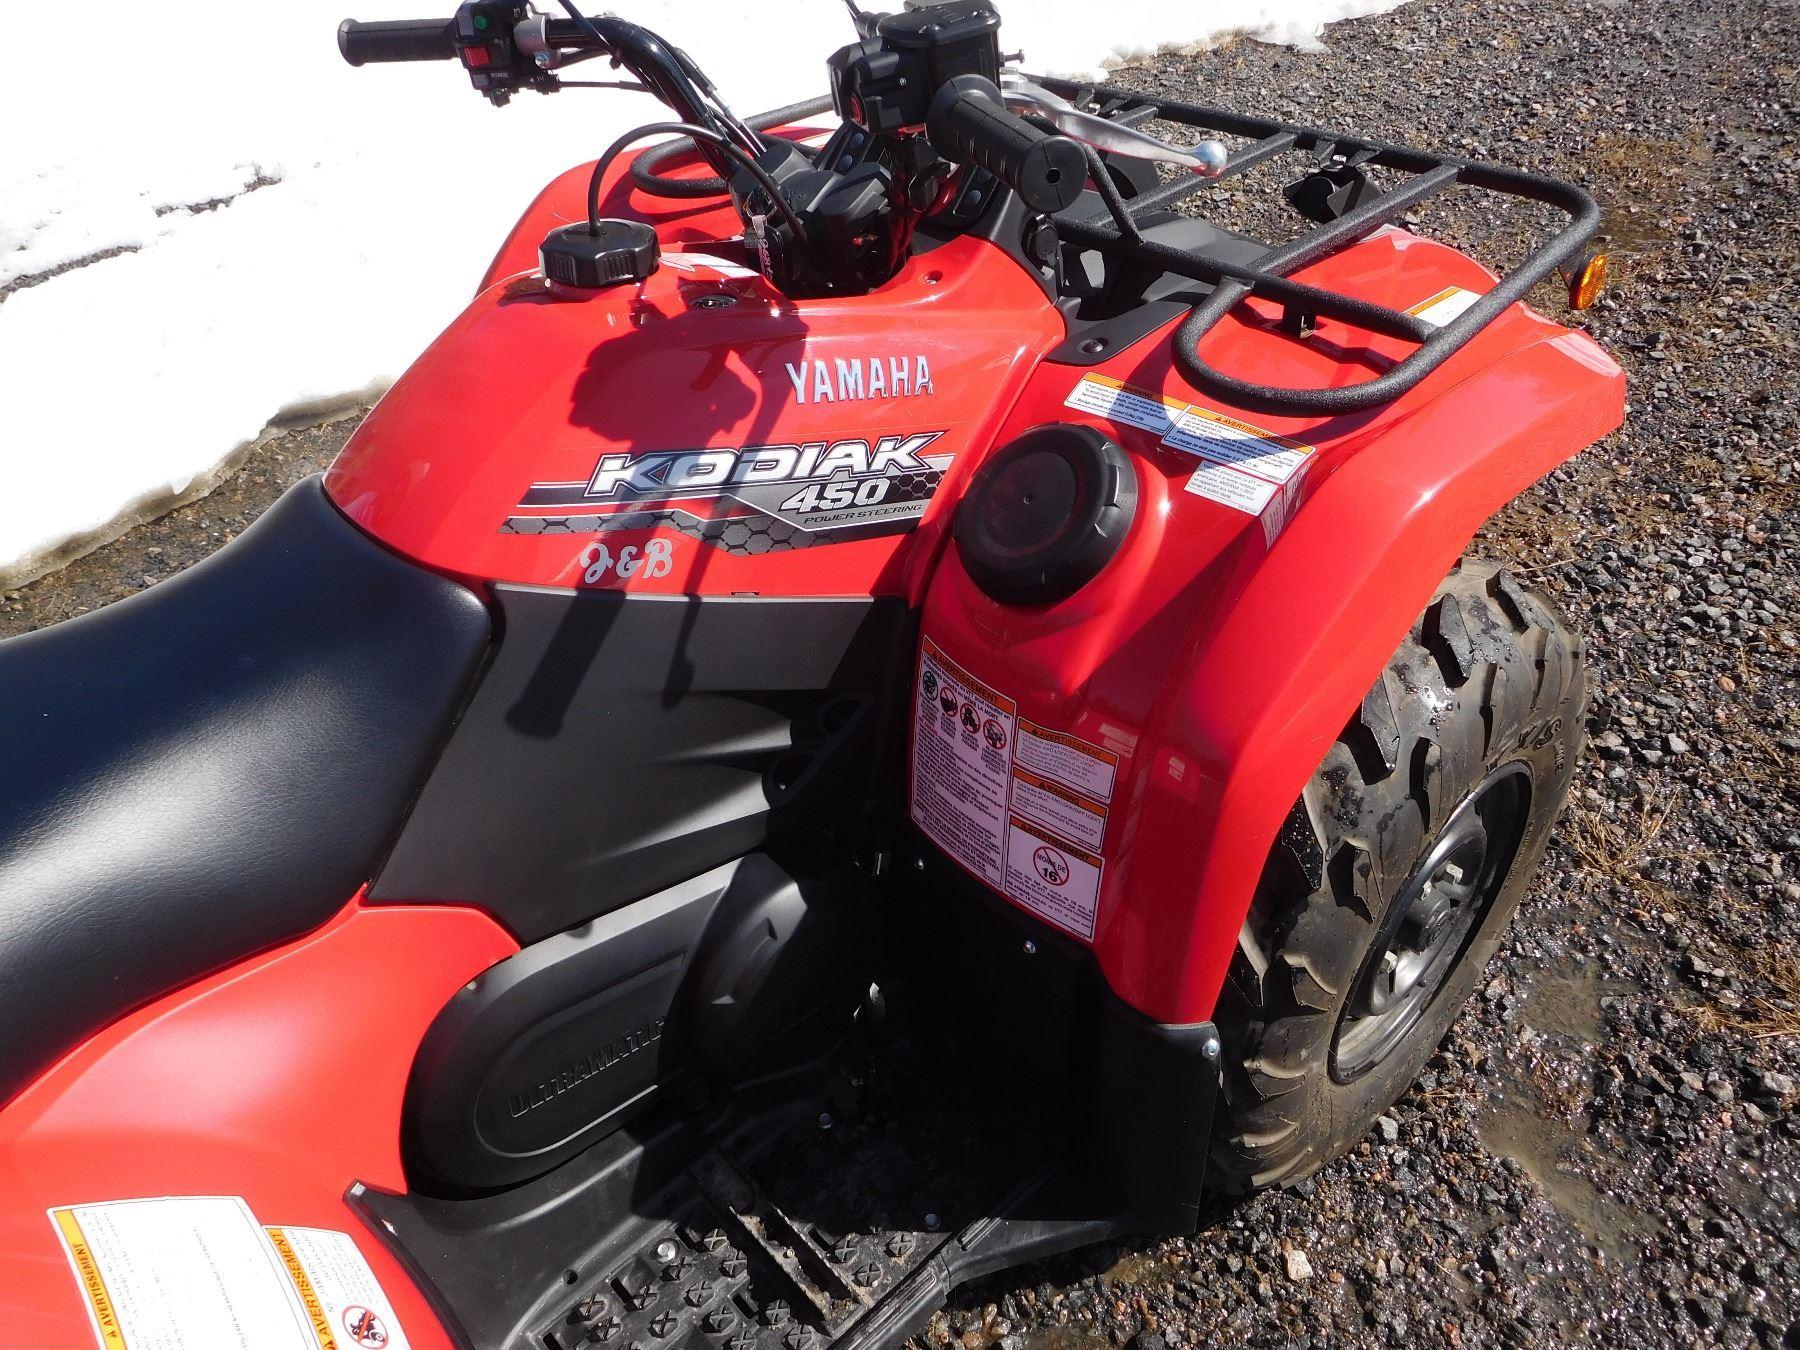 2012 YAMAHA KODIAK 450 CC ATV